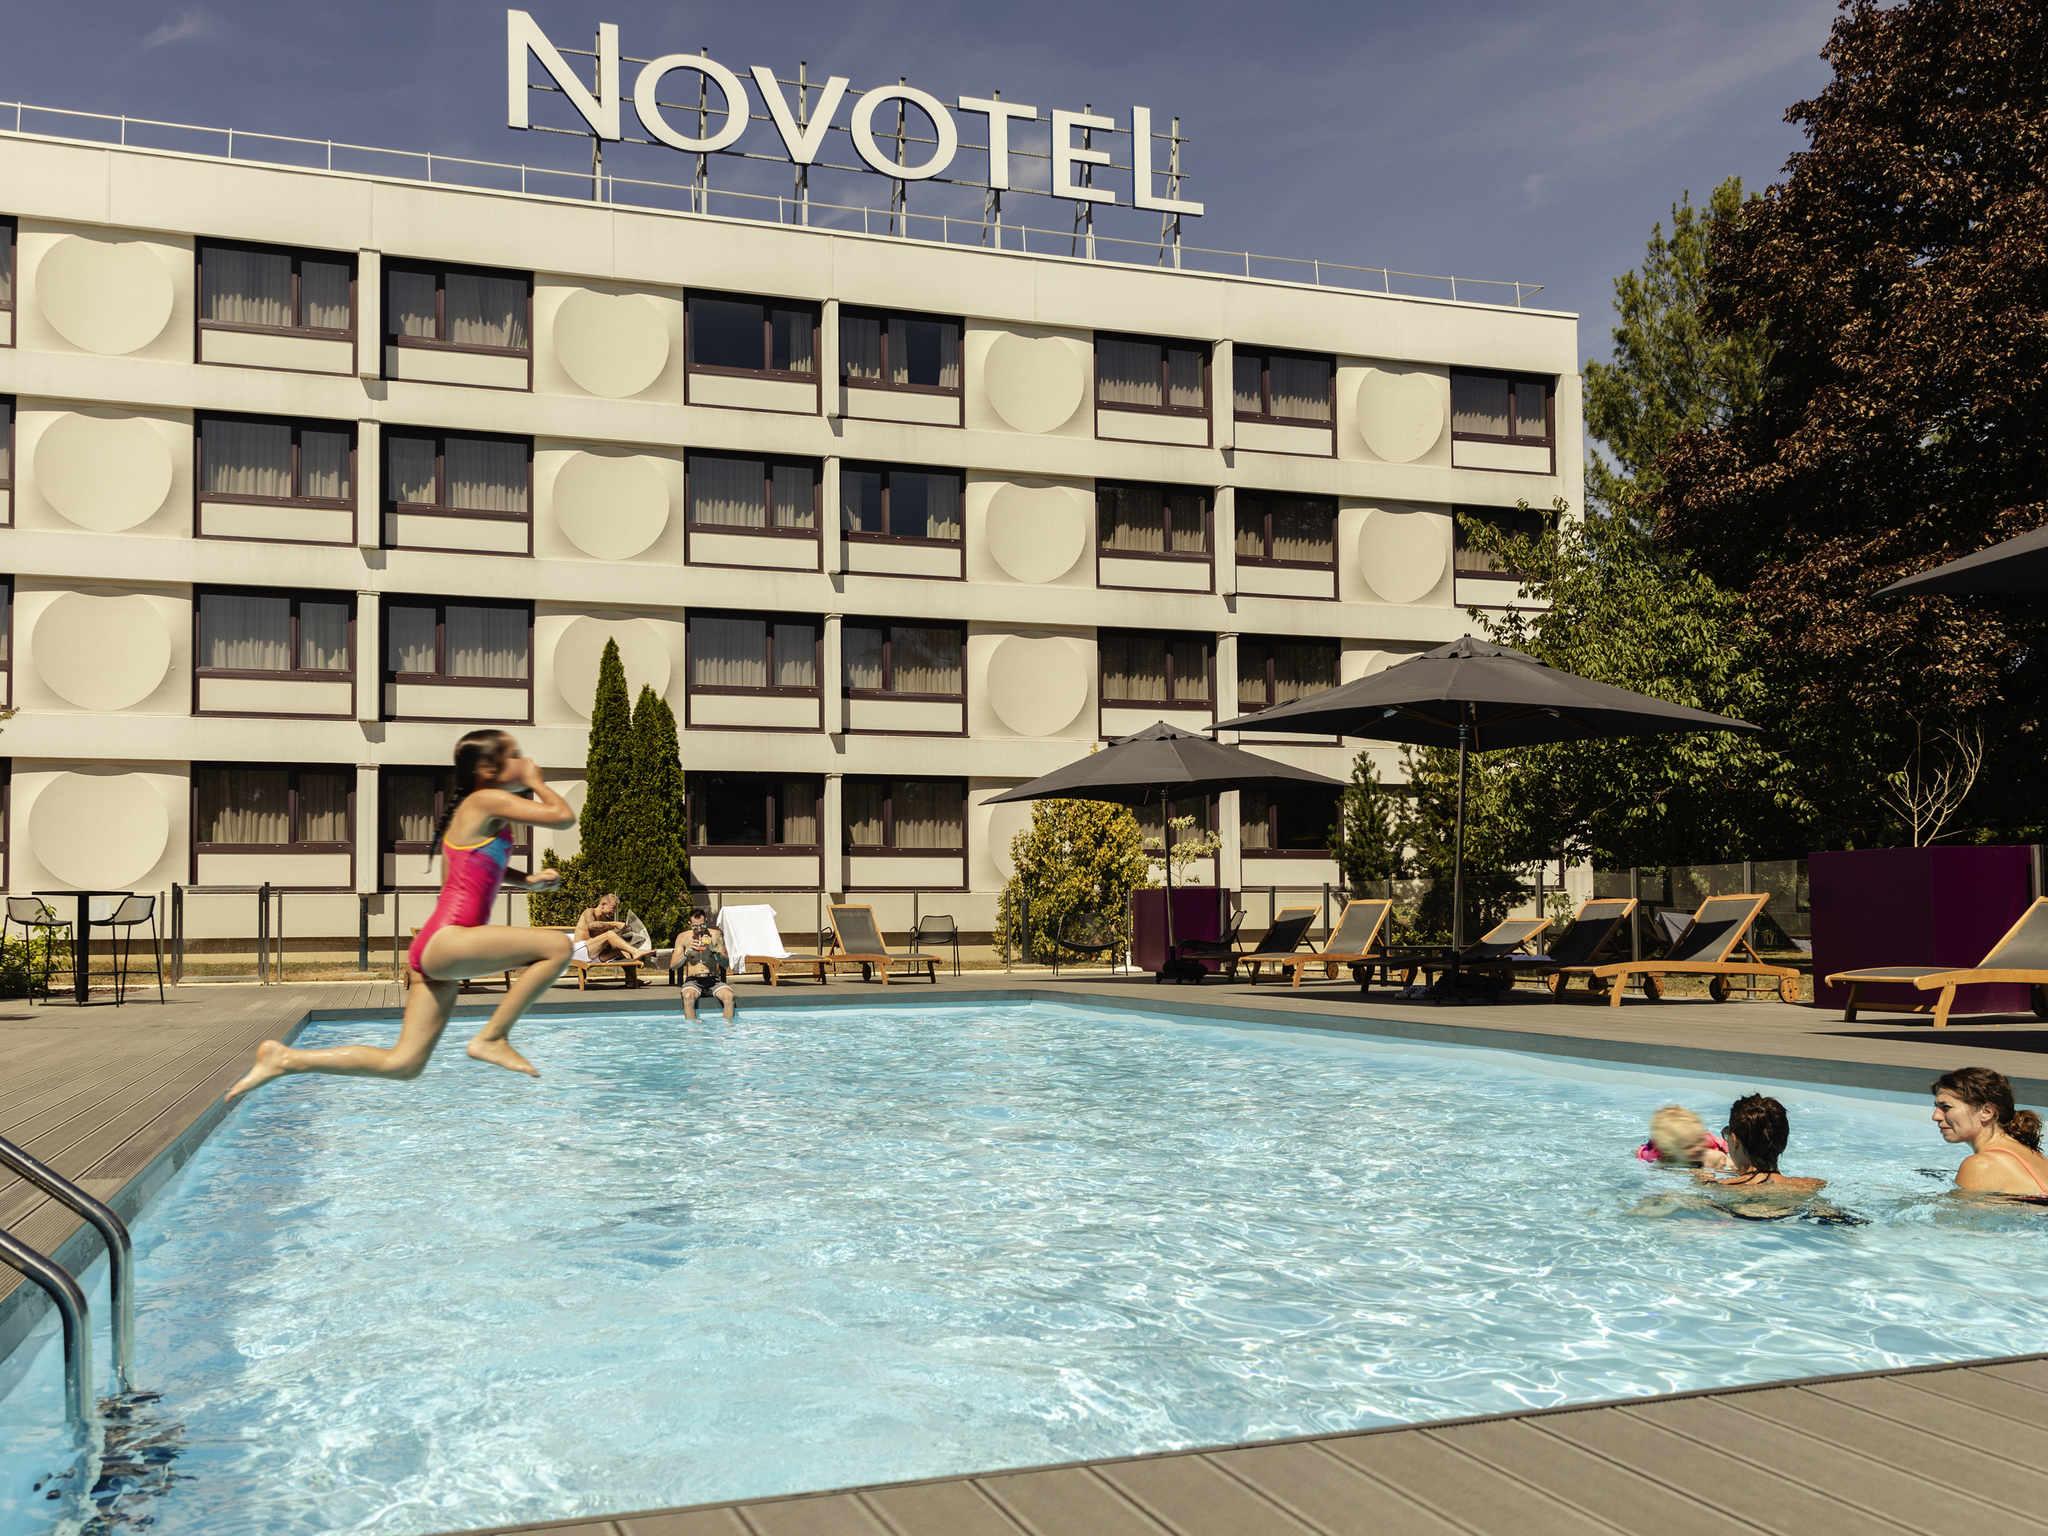 Hotel - Novotel Nancy